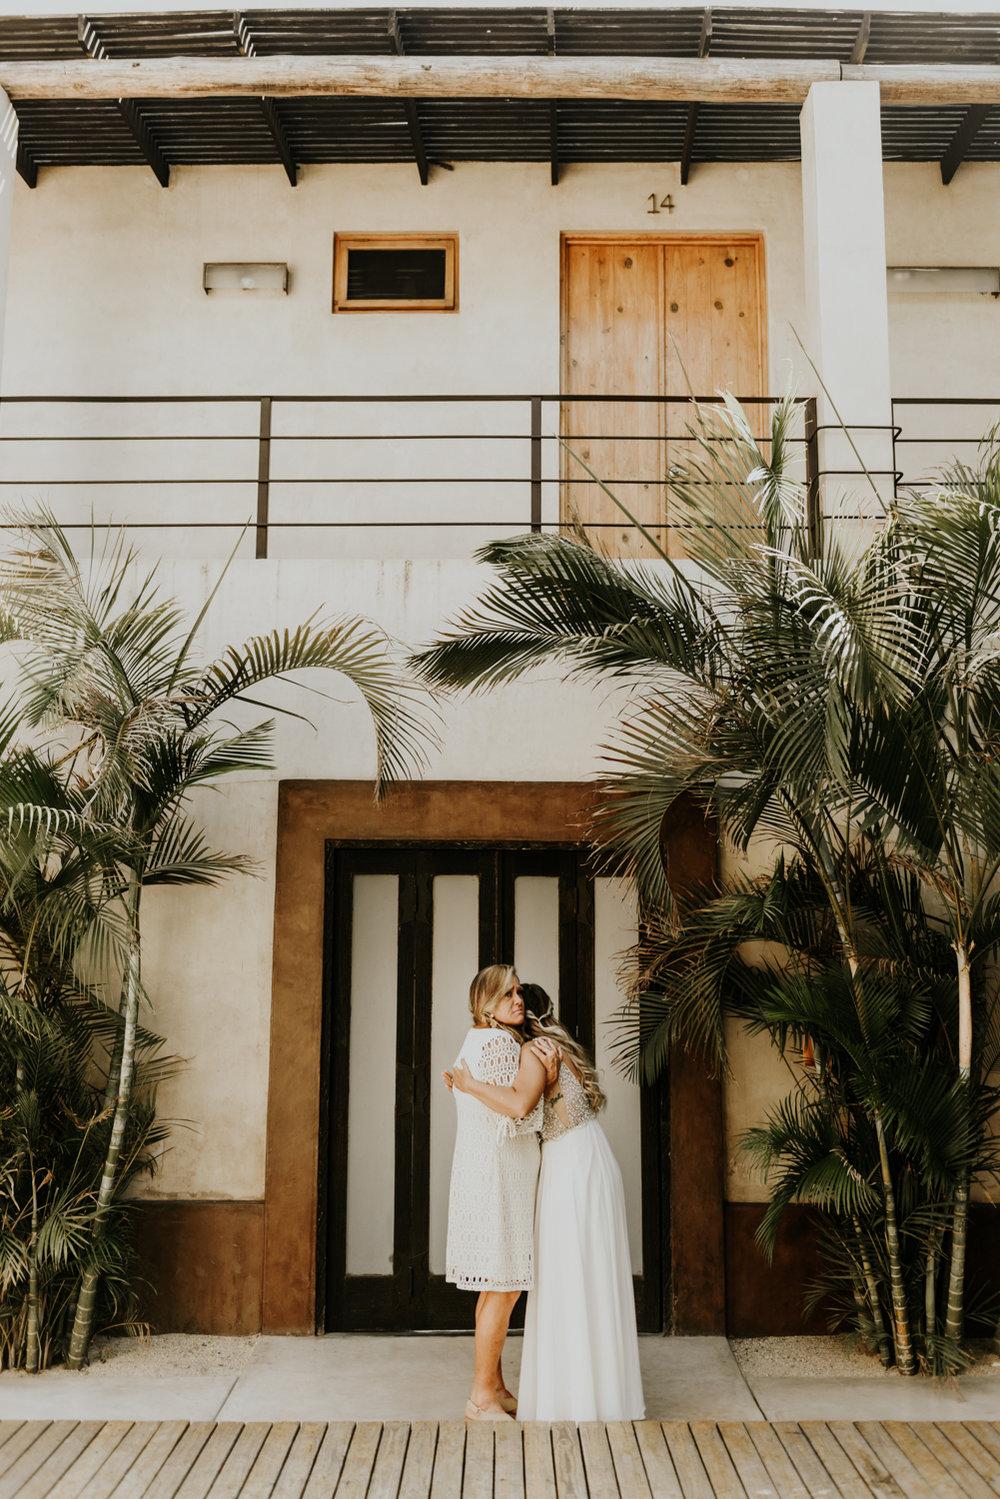 Intimate Destination Wedding in Todos Santos, Baja California Sur, Mexico